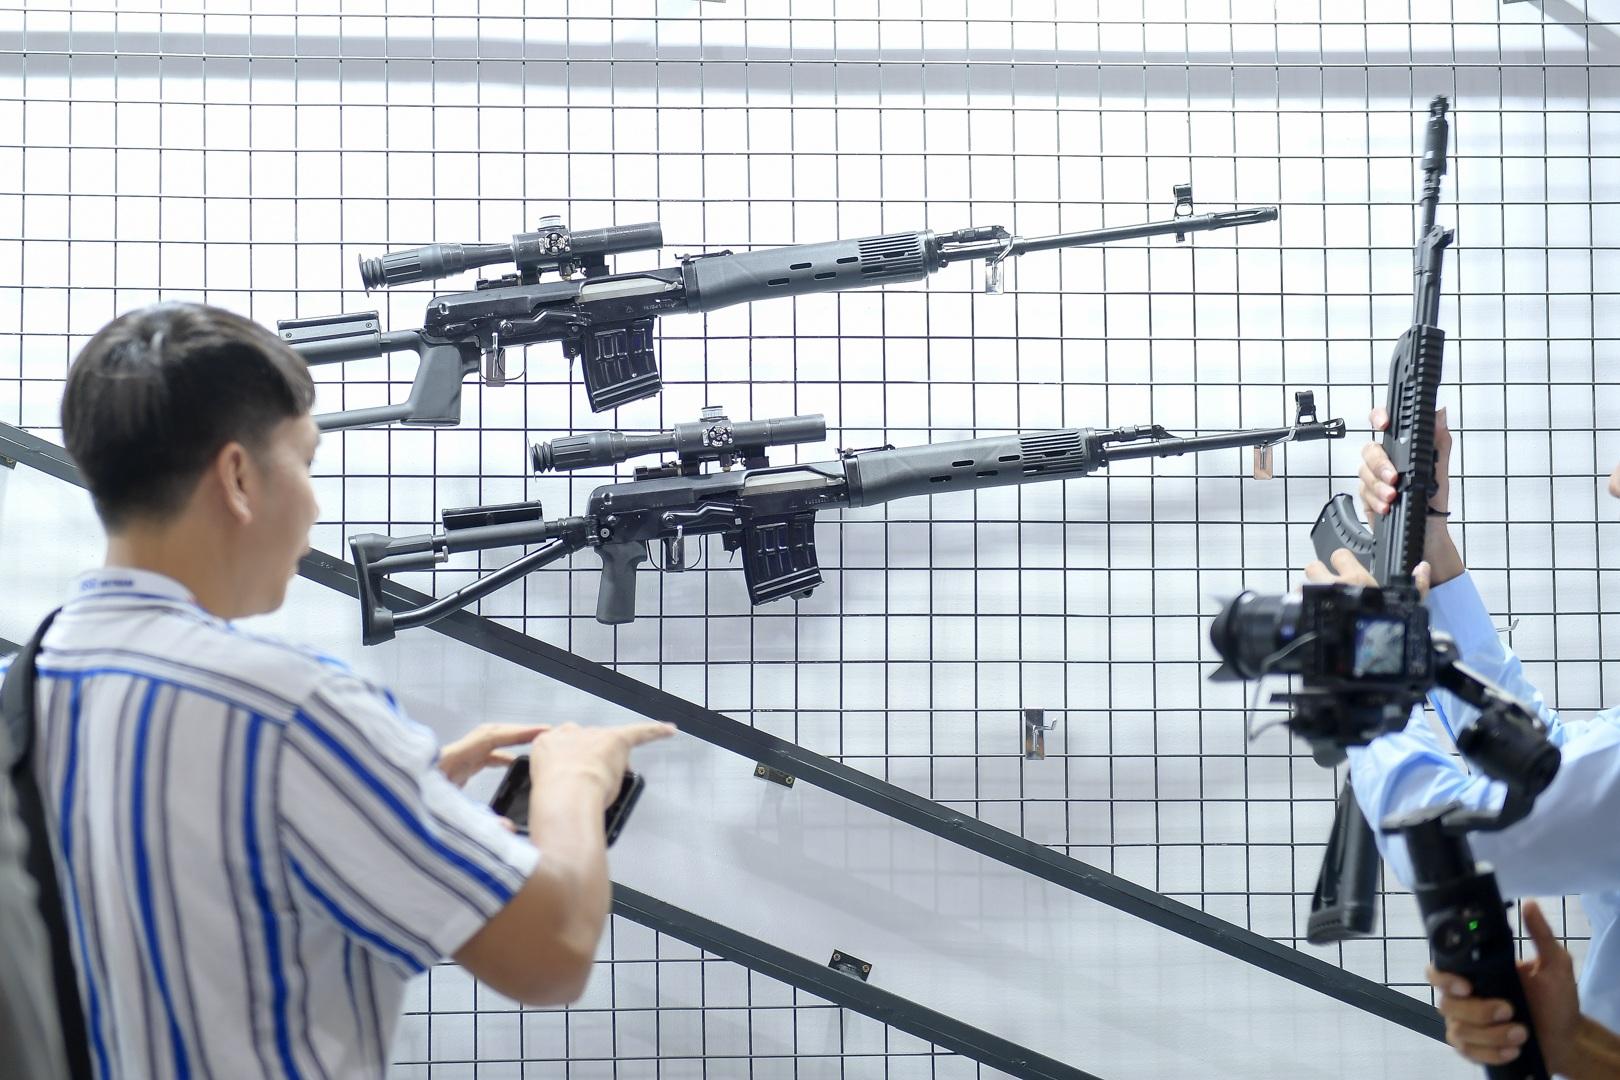 Ngắm những vũ khí tối tân tại Triển lãm Quốc phòng và An ninh Việt Nam 2019 - 8